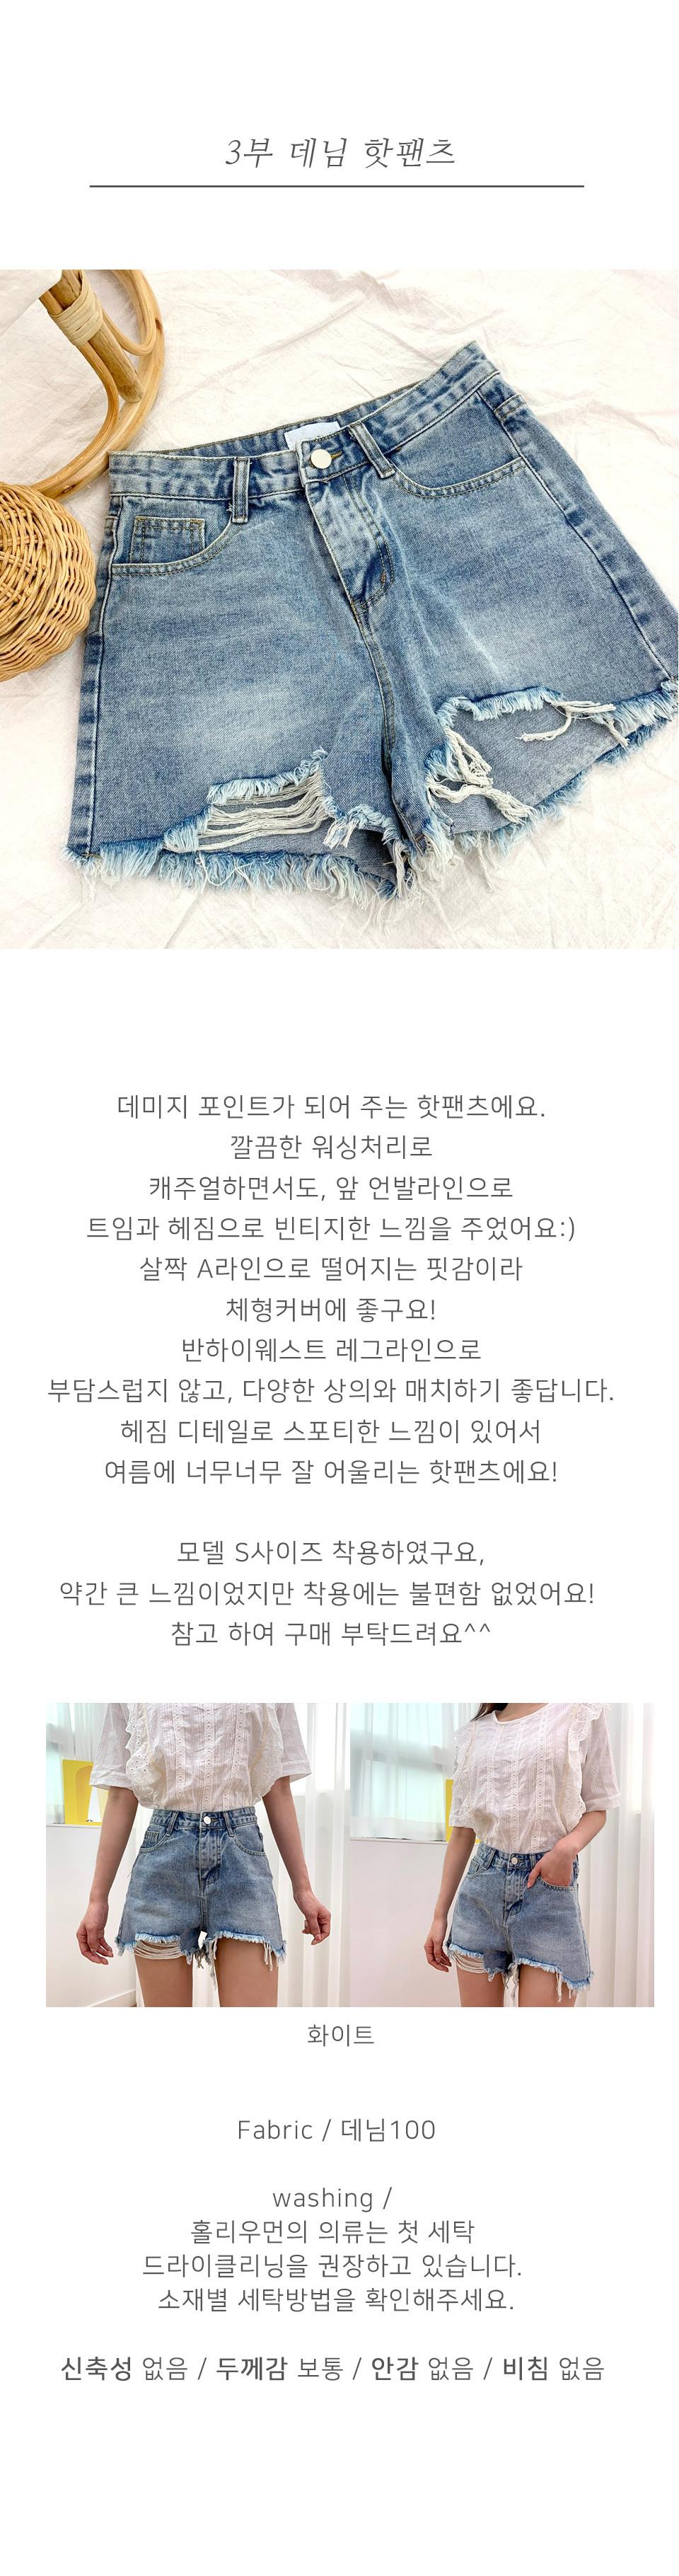 홀리 여성 3부 데님 핫팬츠 - 홀리우먼, 22,900원, 하의, 데님